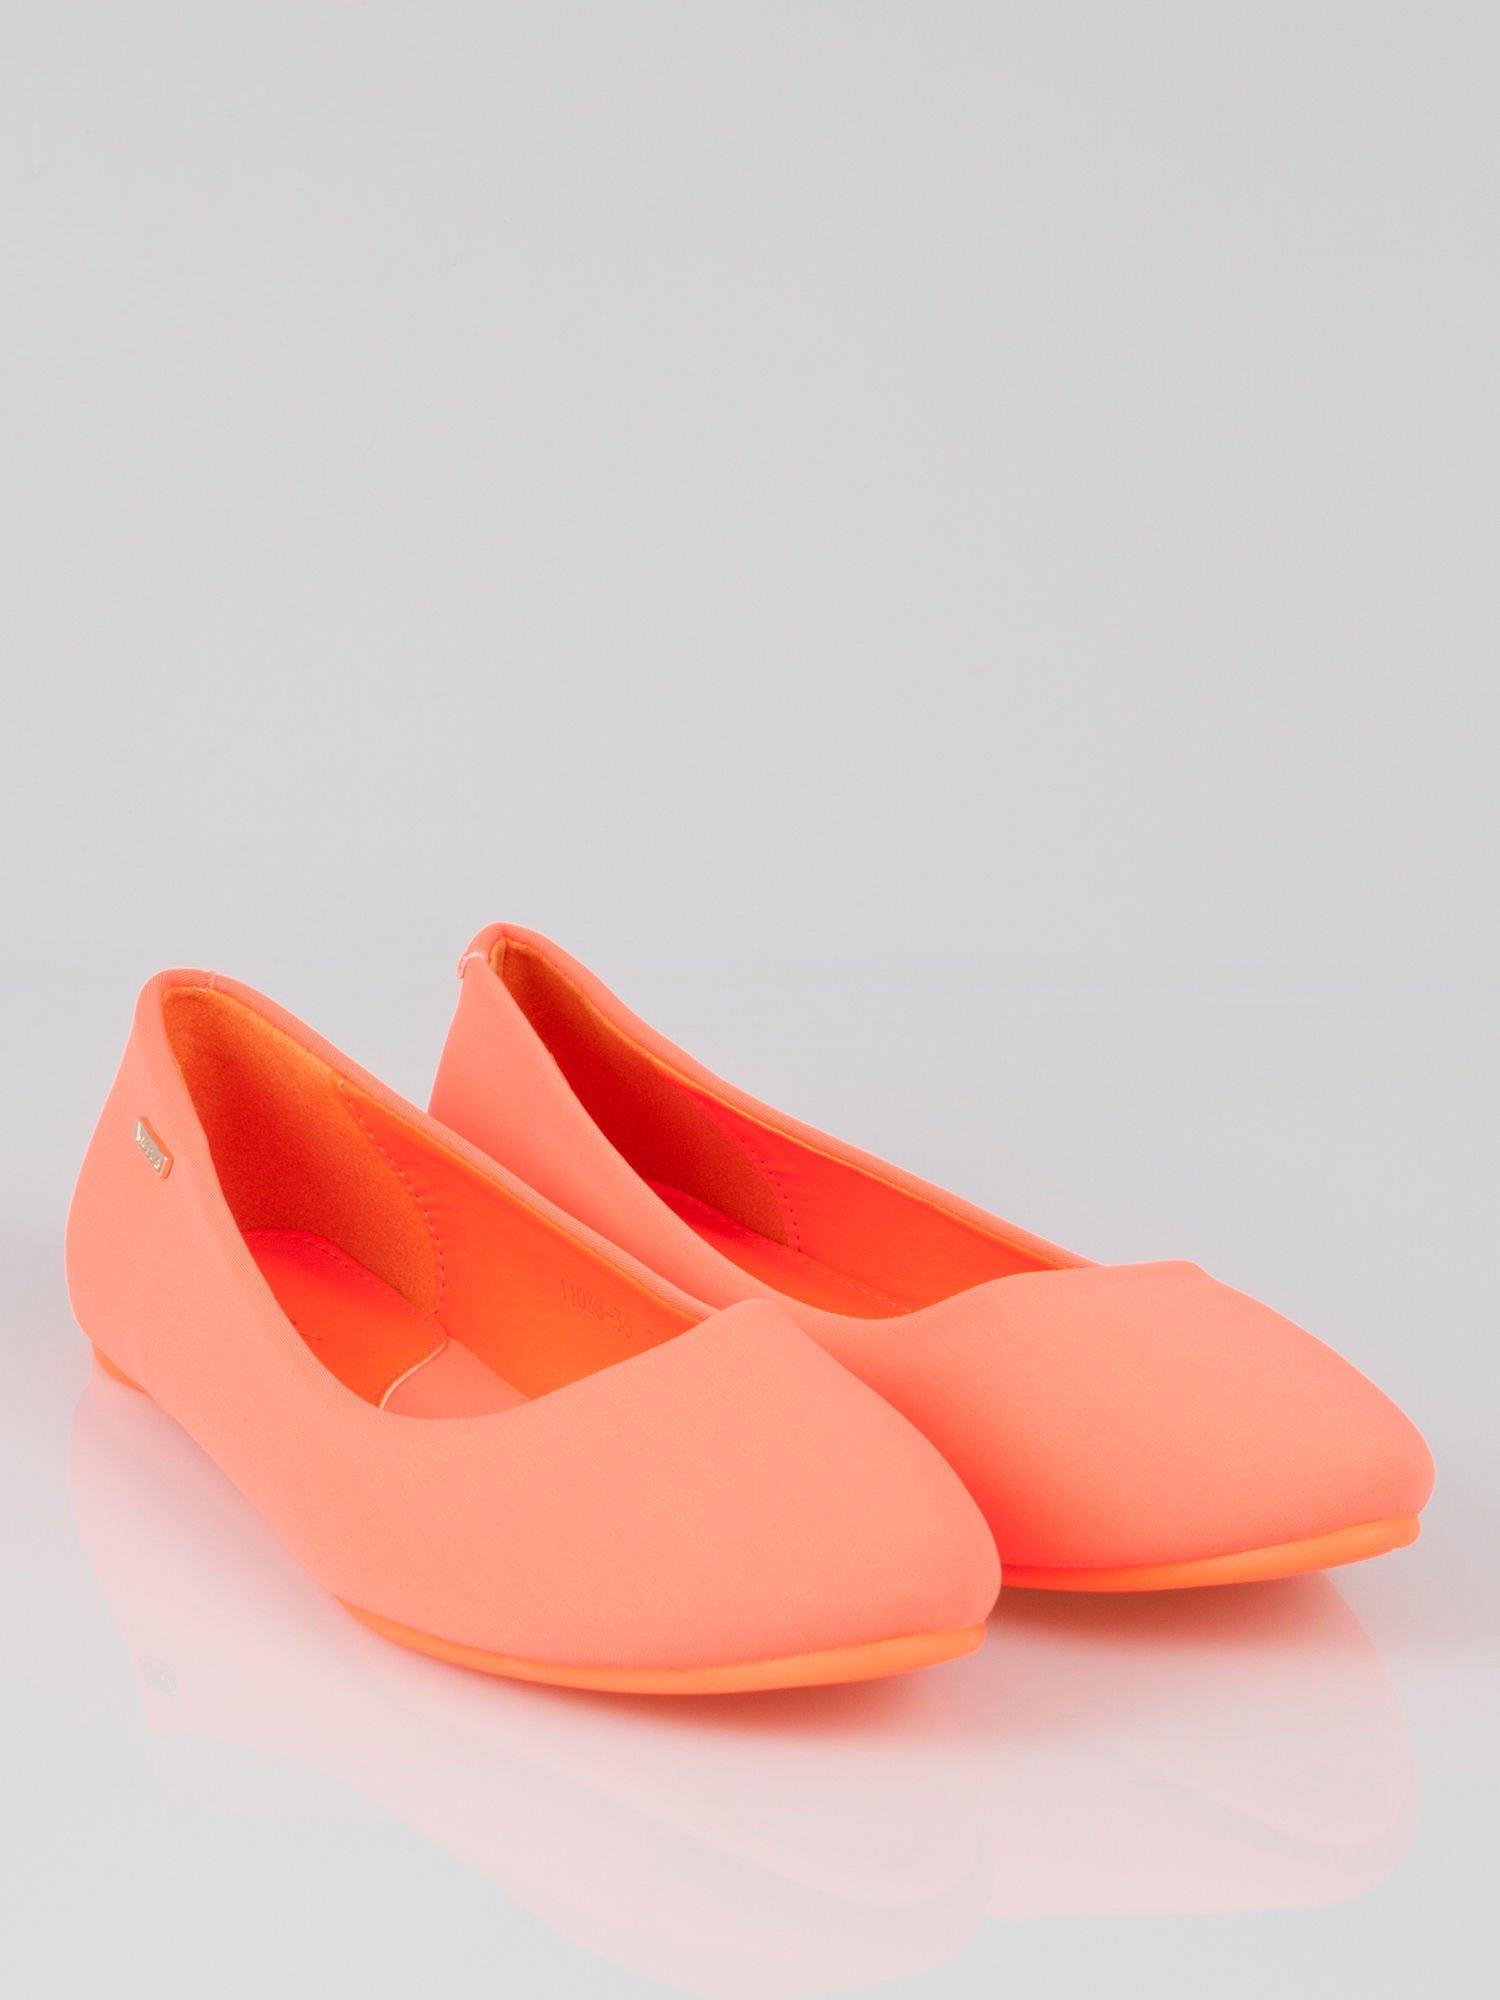 Fluopomarańczowe lekkie baleriny California                                  zdj.                                  1